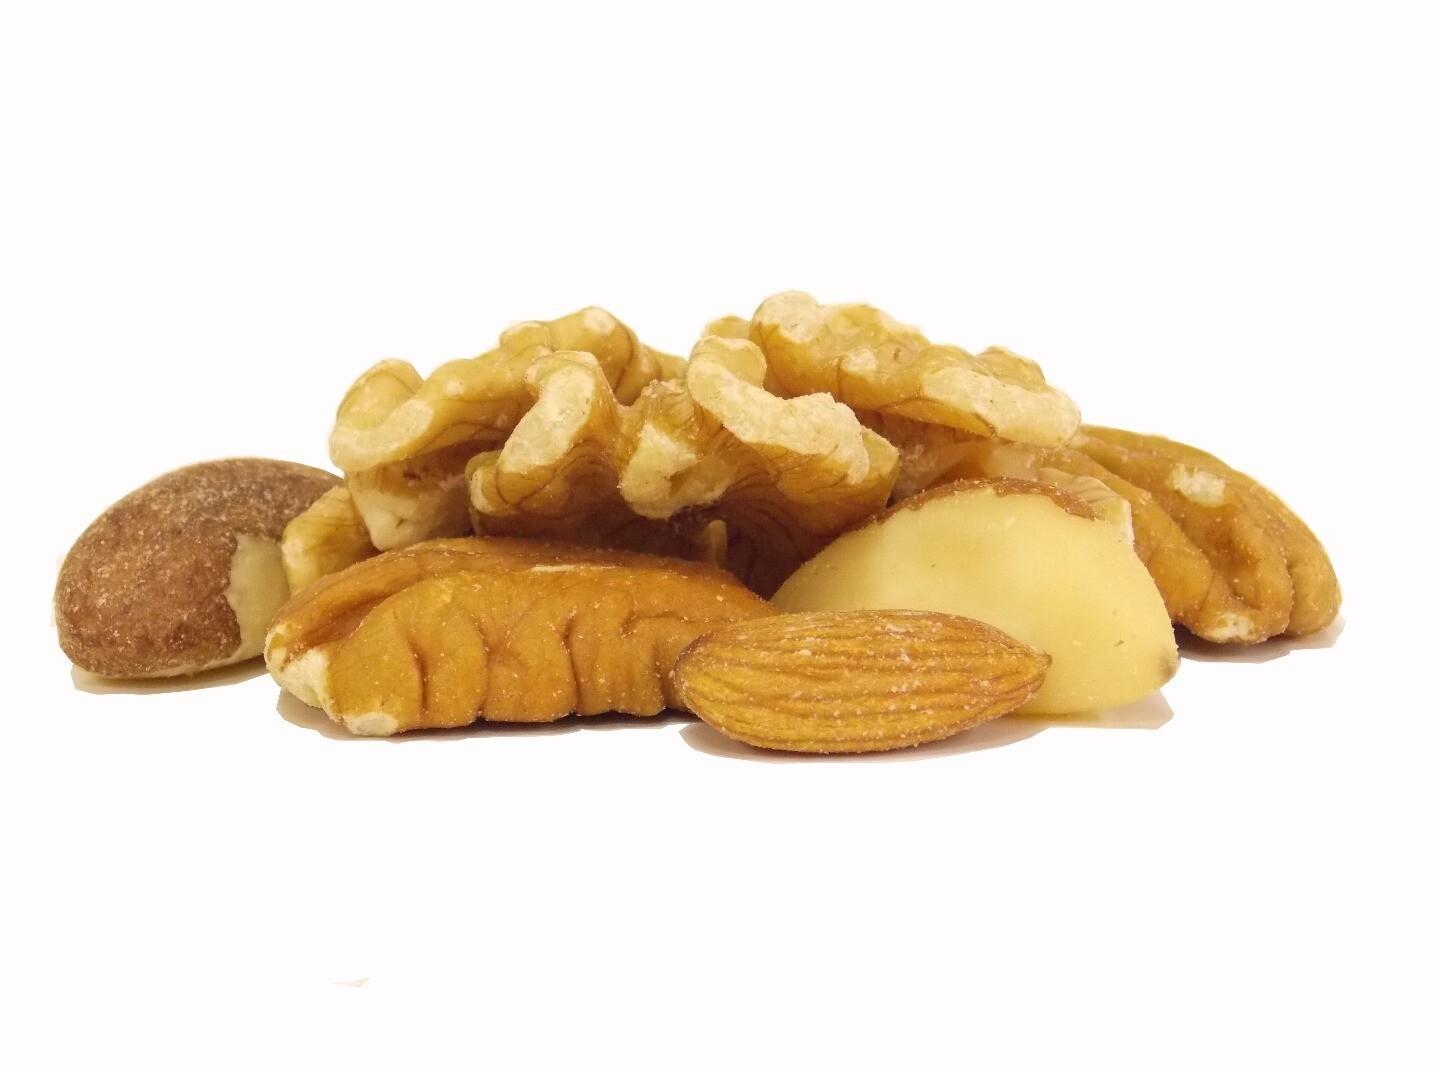 Grandma B's Natural Nut Mix